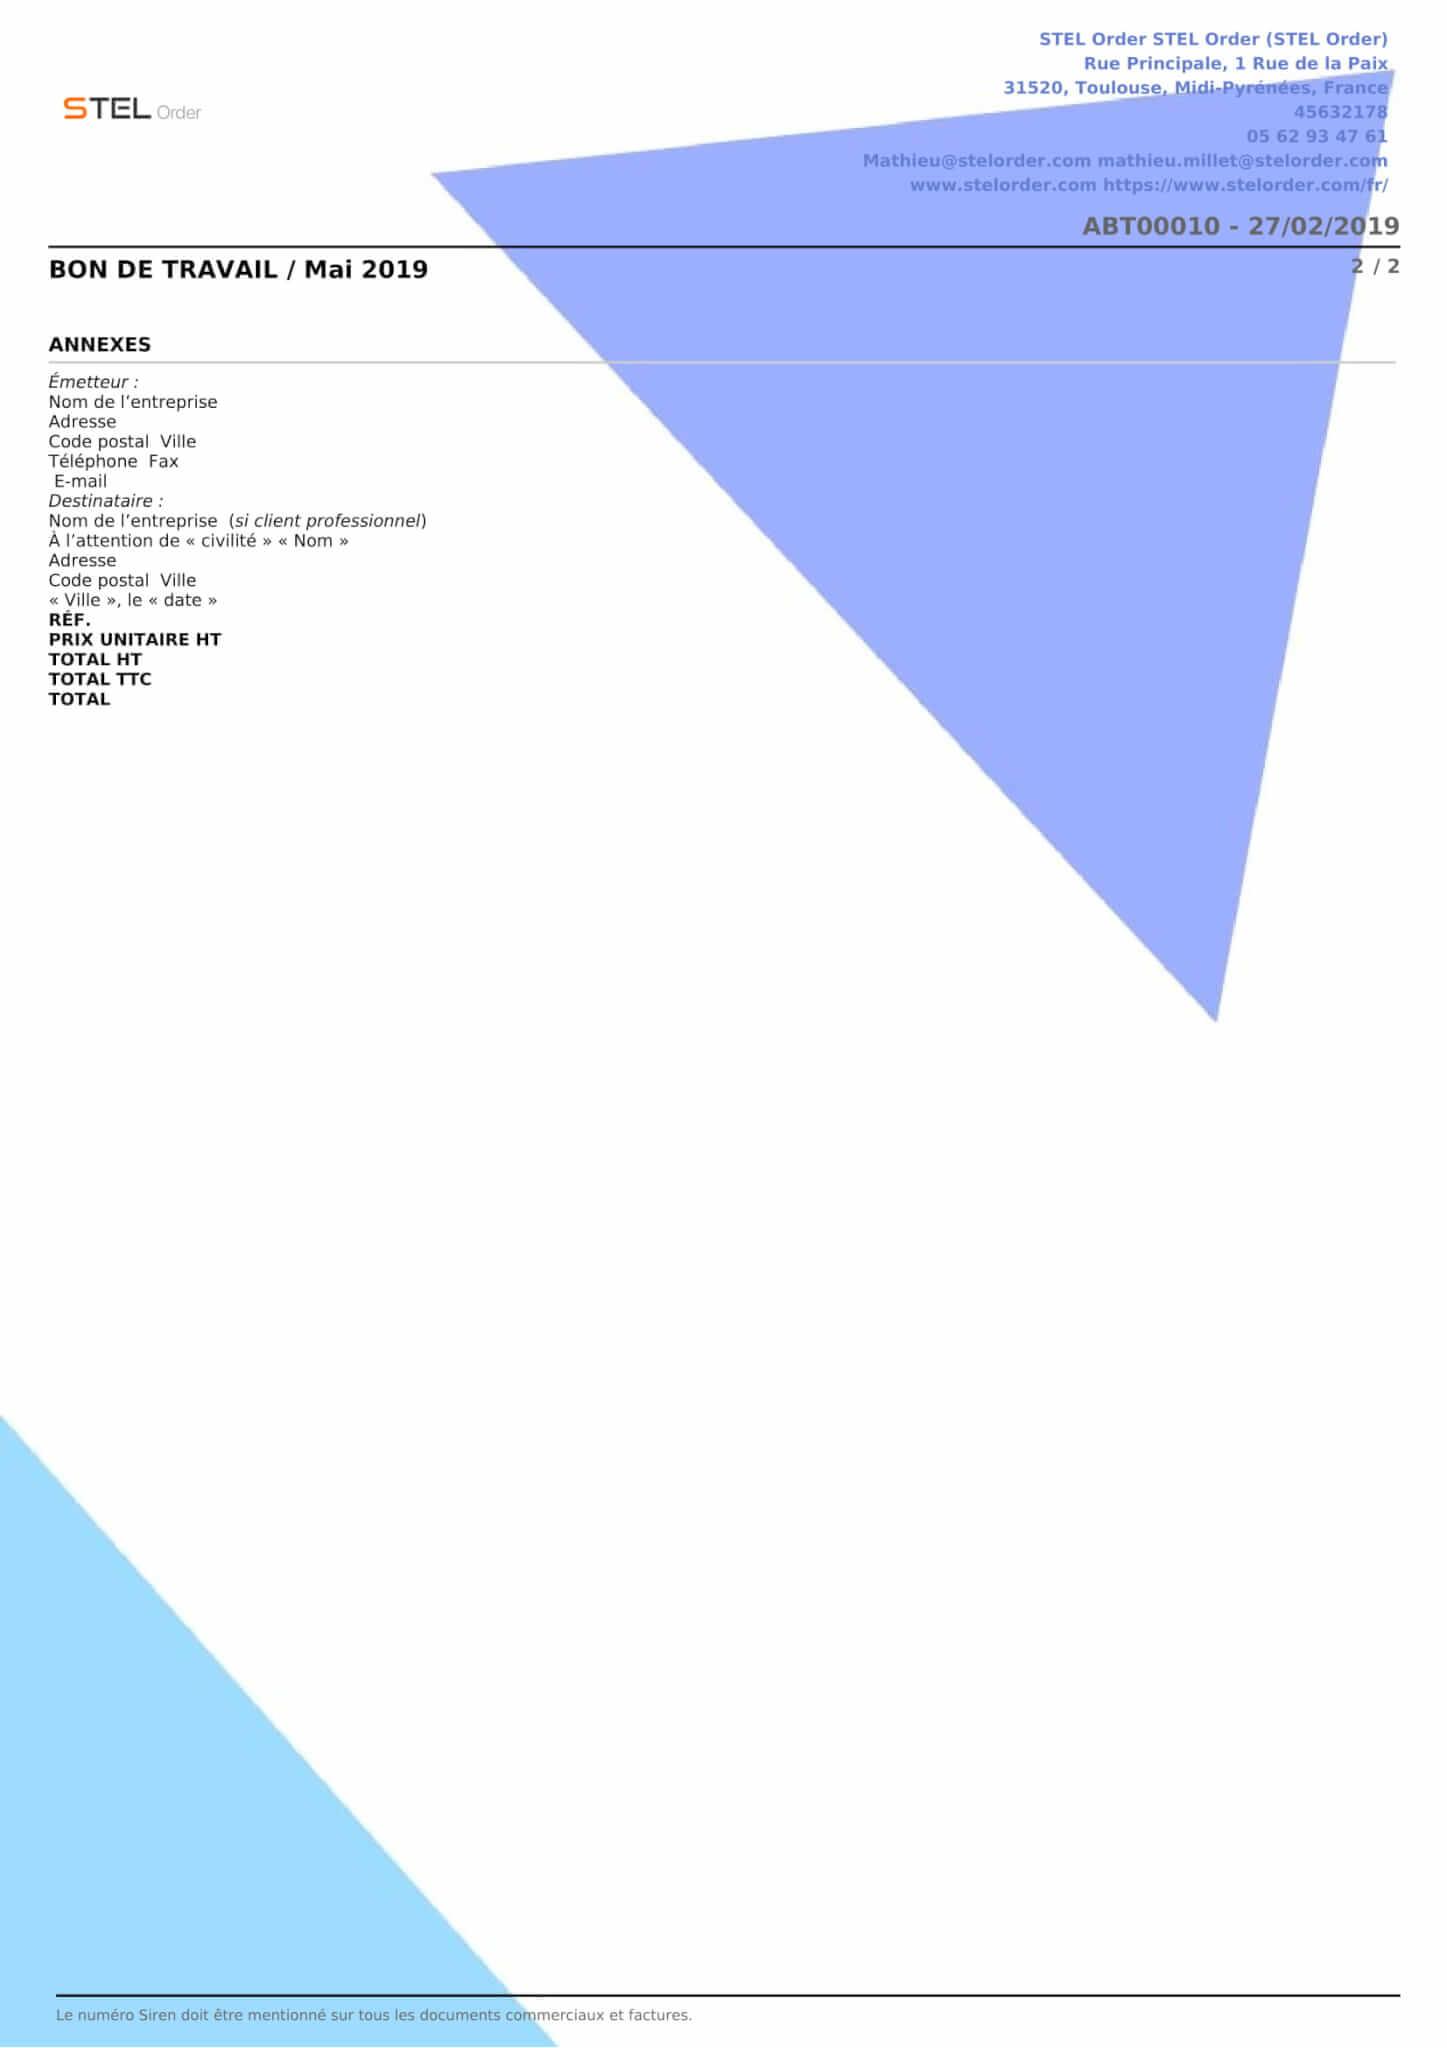 BONDECOMMANDEDETRAVAIL-00010-Mr_Dupont-2